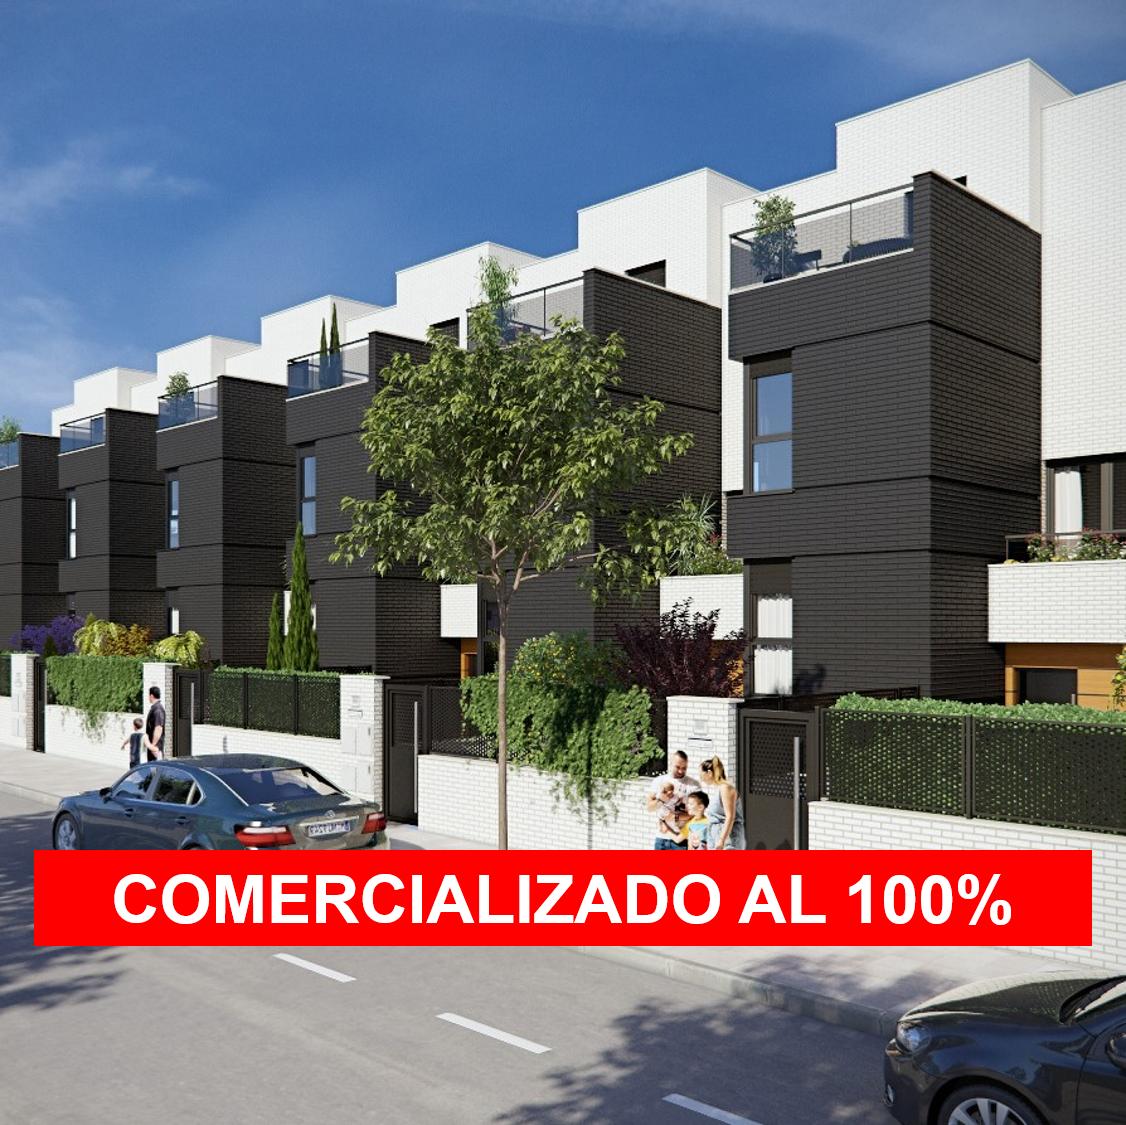 Vereda del Cañaveral Plaza, S.Coop.Mad.